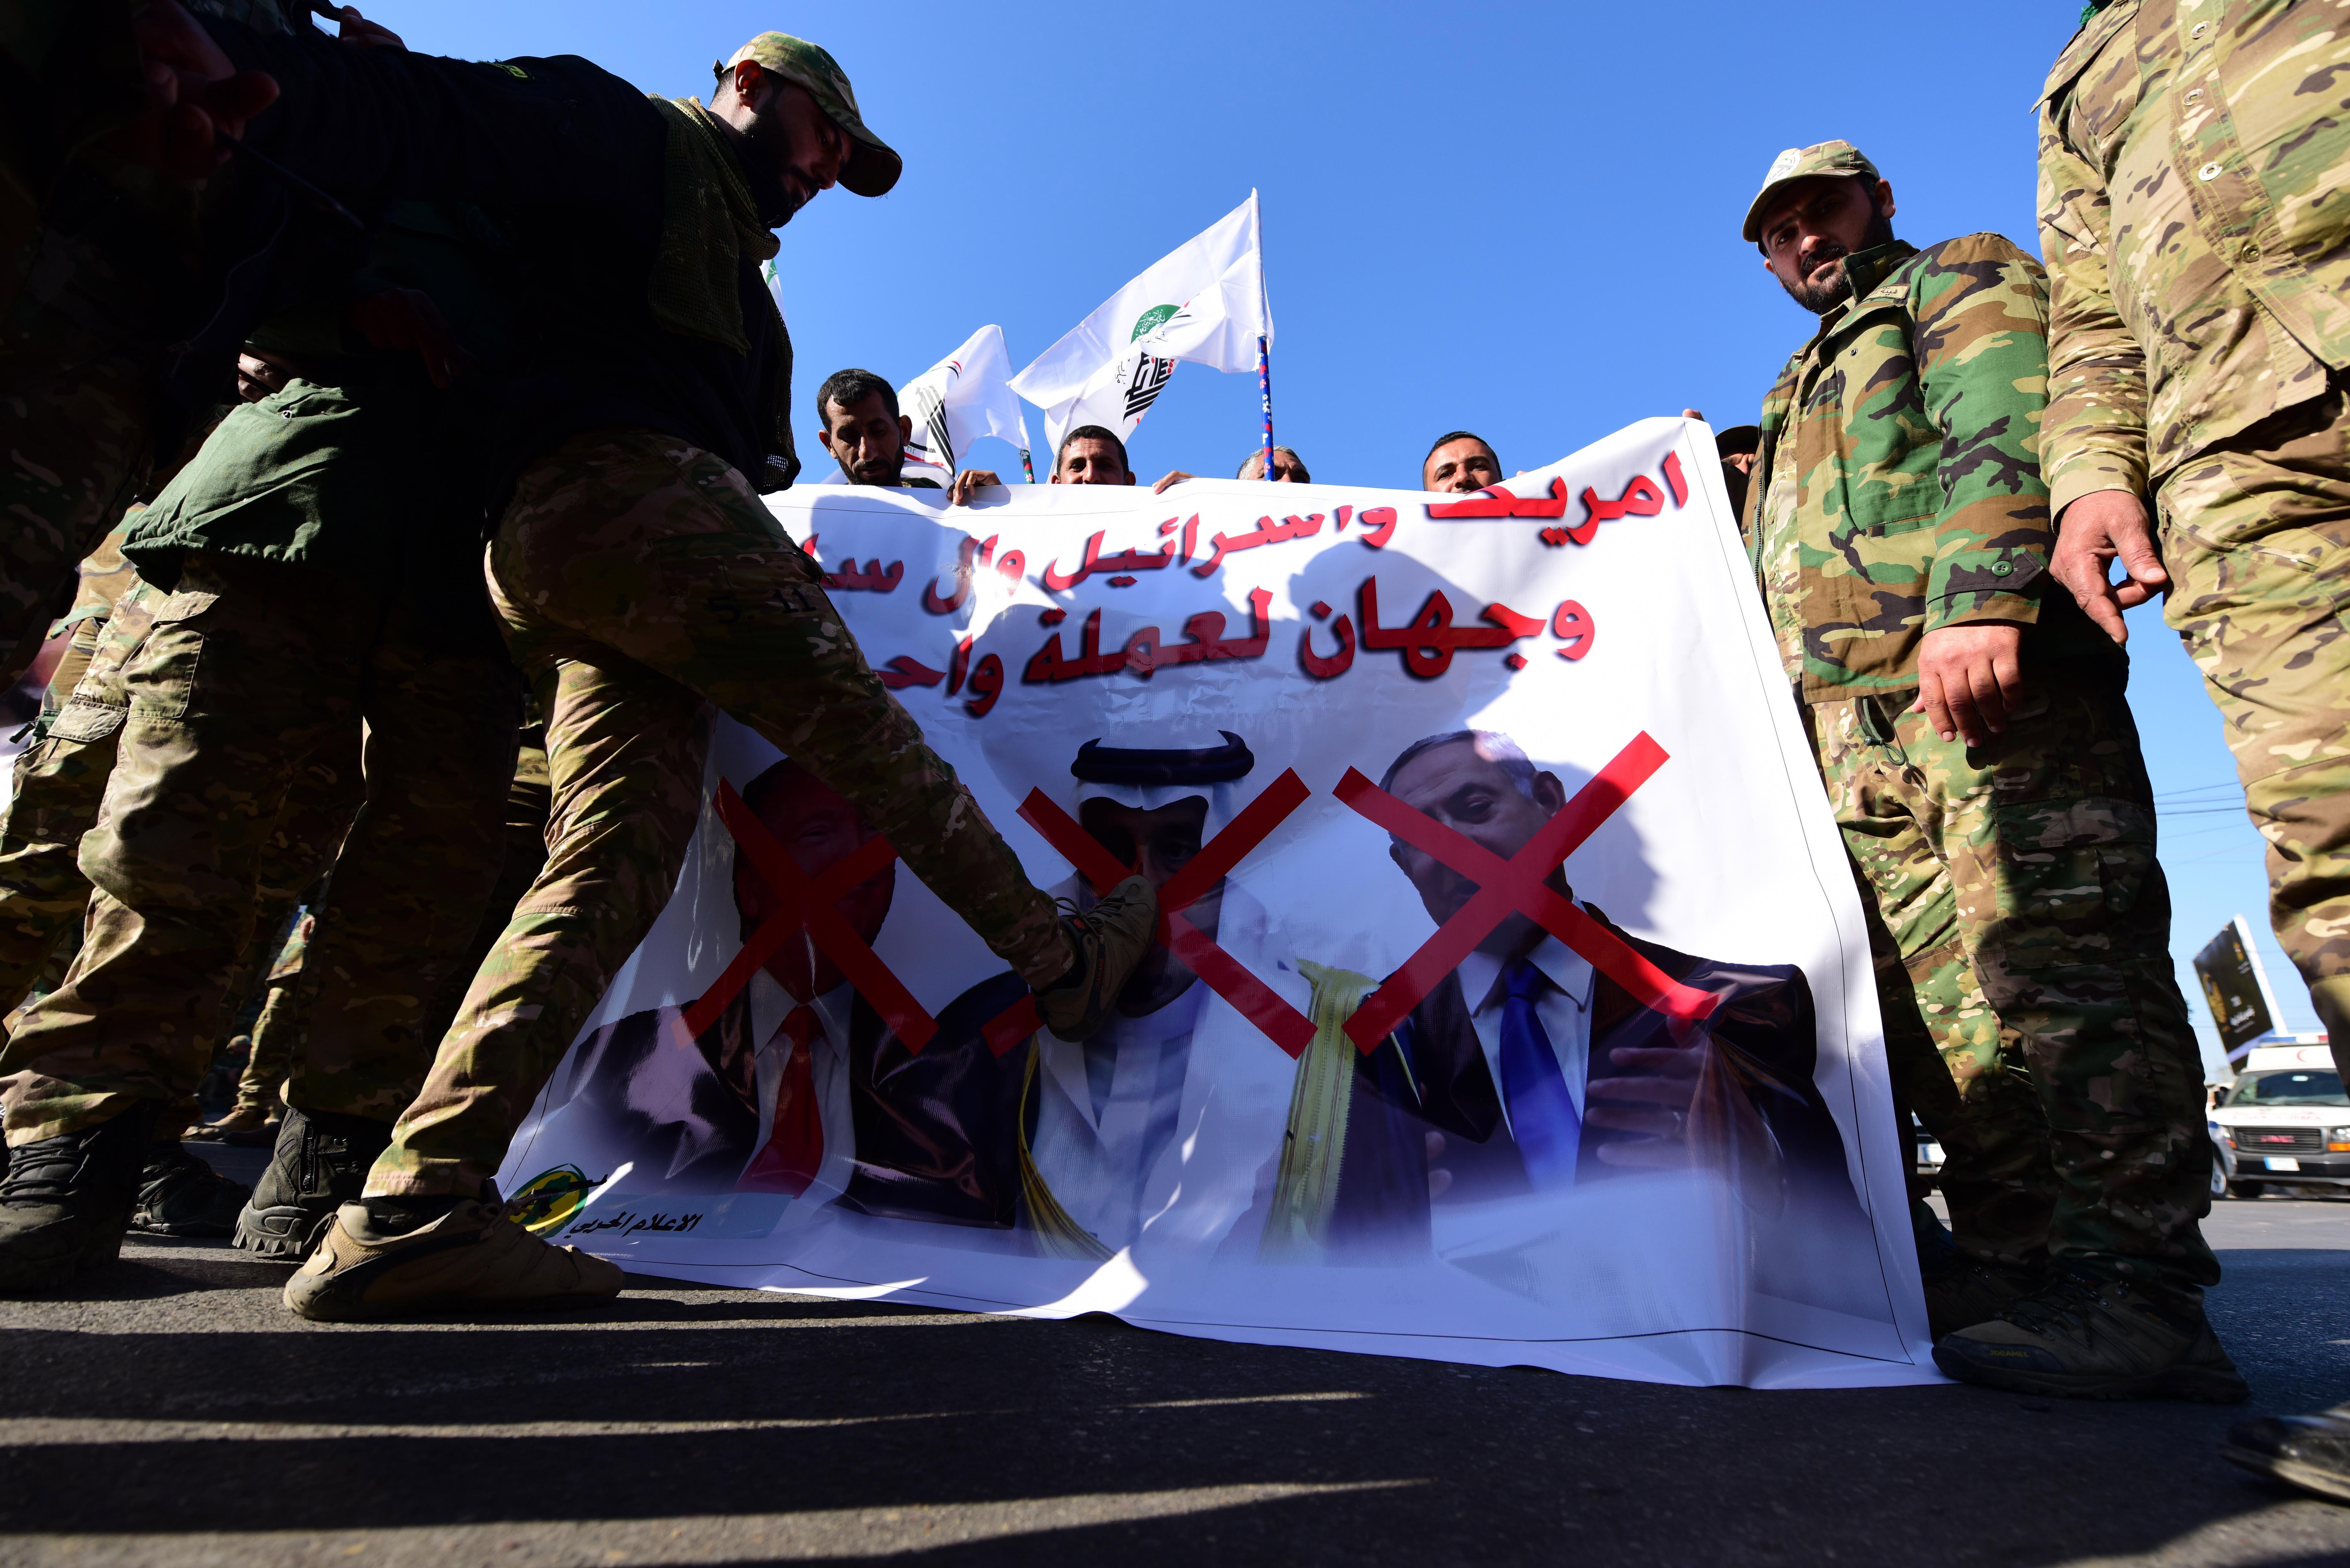 Los manifestantes se reunieron en un principio en el exterior de la embajada.